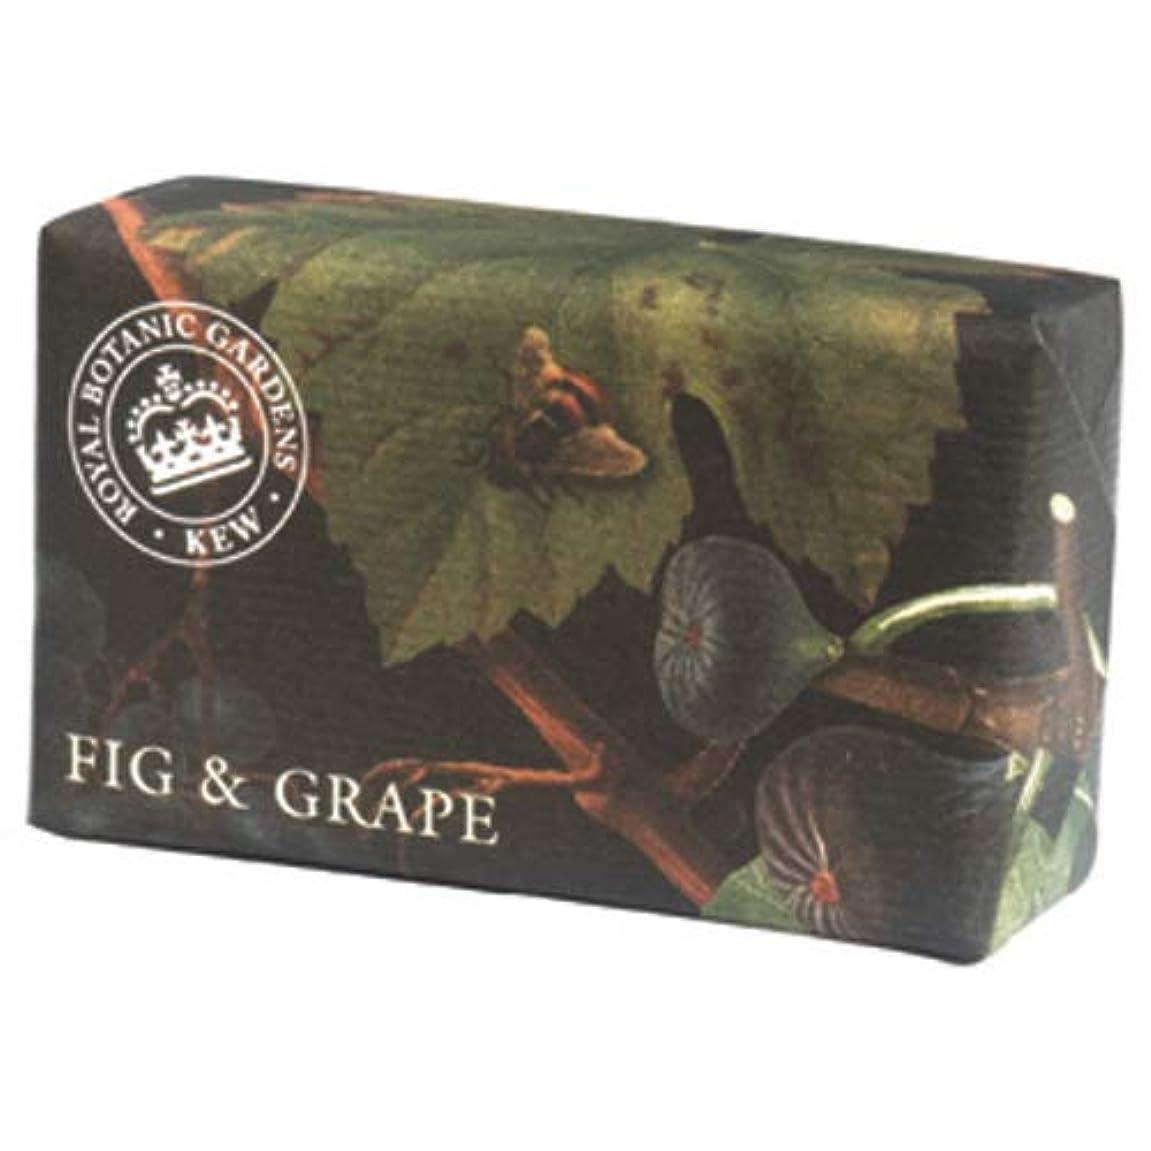 信頼できるバブル学部長English Soap Company イングリッシュソープカンパニー KEW GARDEN キュー?ガーデン Luxury Shea Soaps シアソープ Fig & Grape フィグ&グレープ